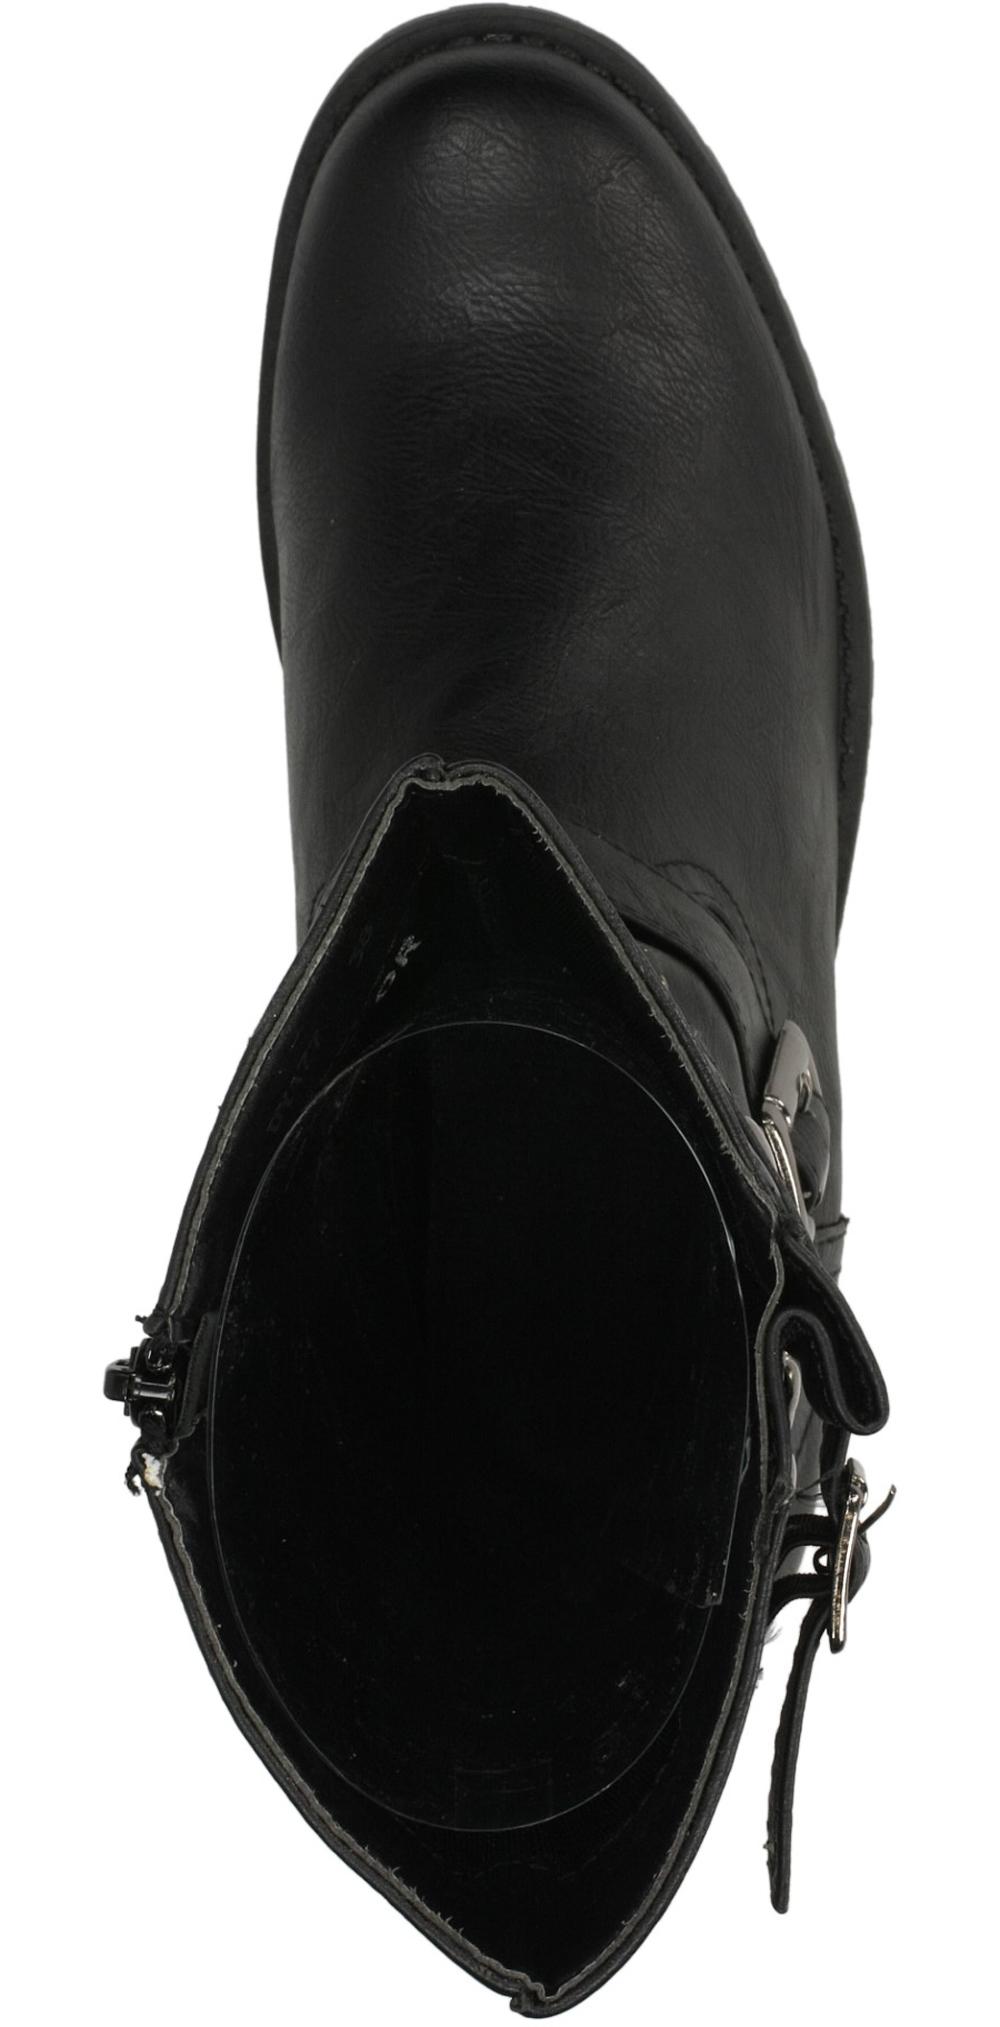 BOTKI CASU DY177 kolor czarny